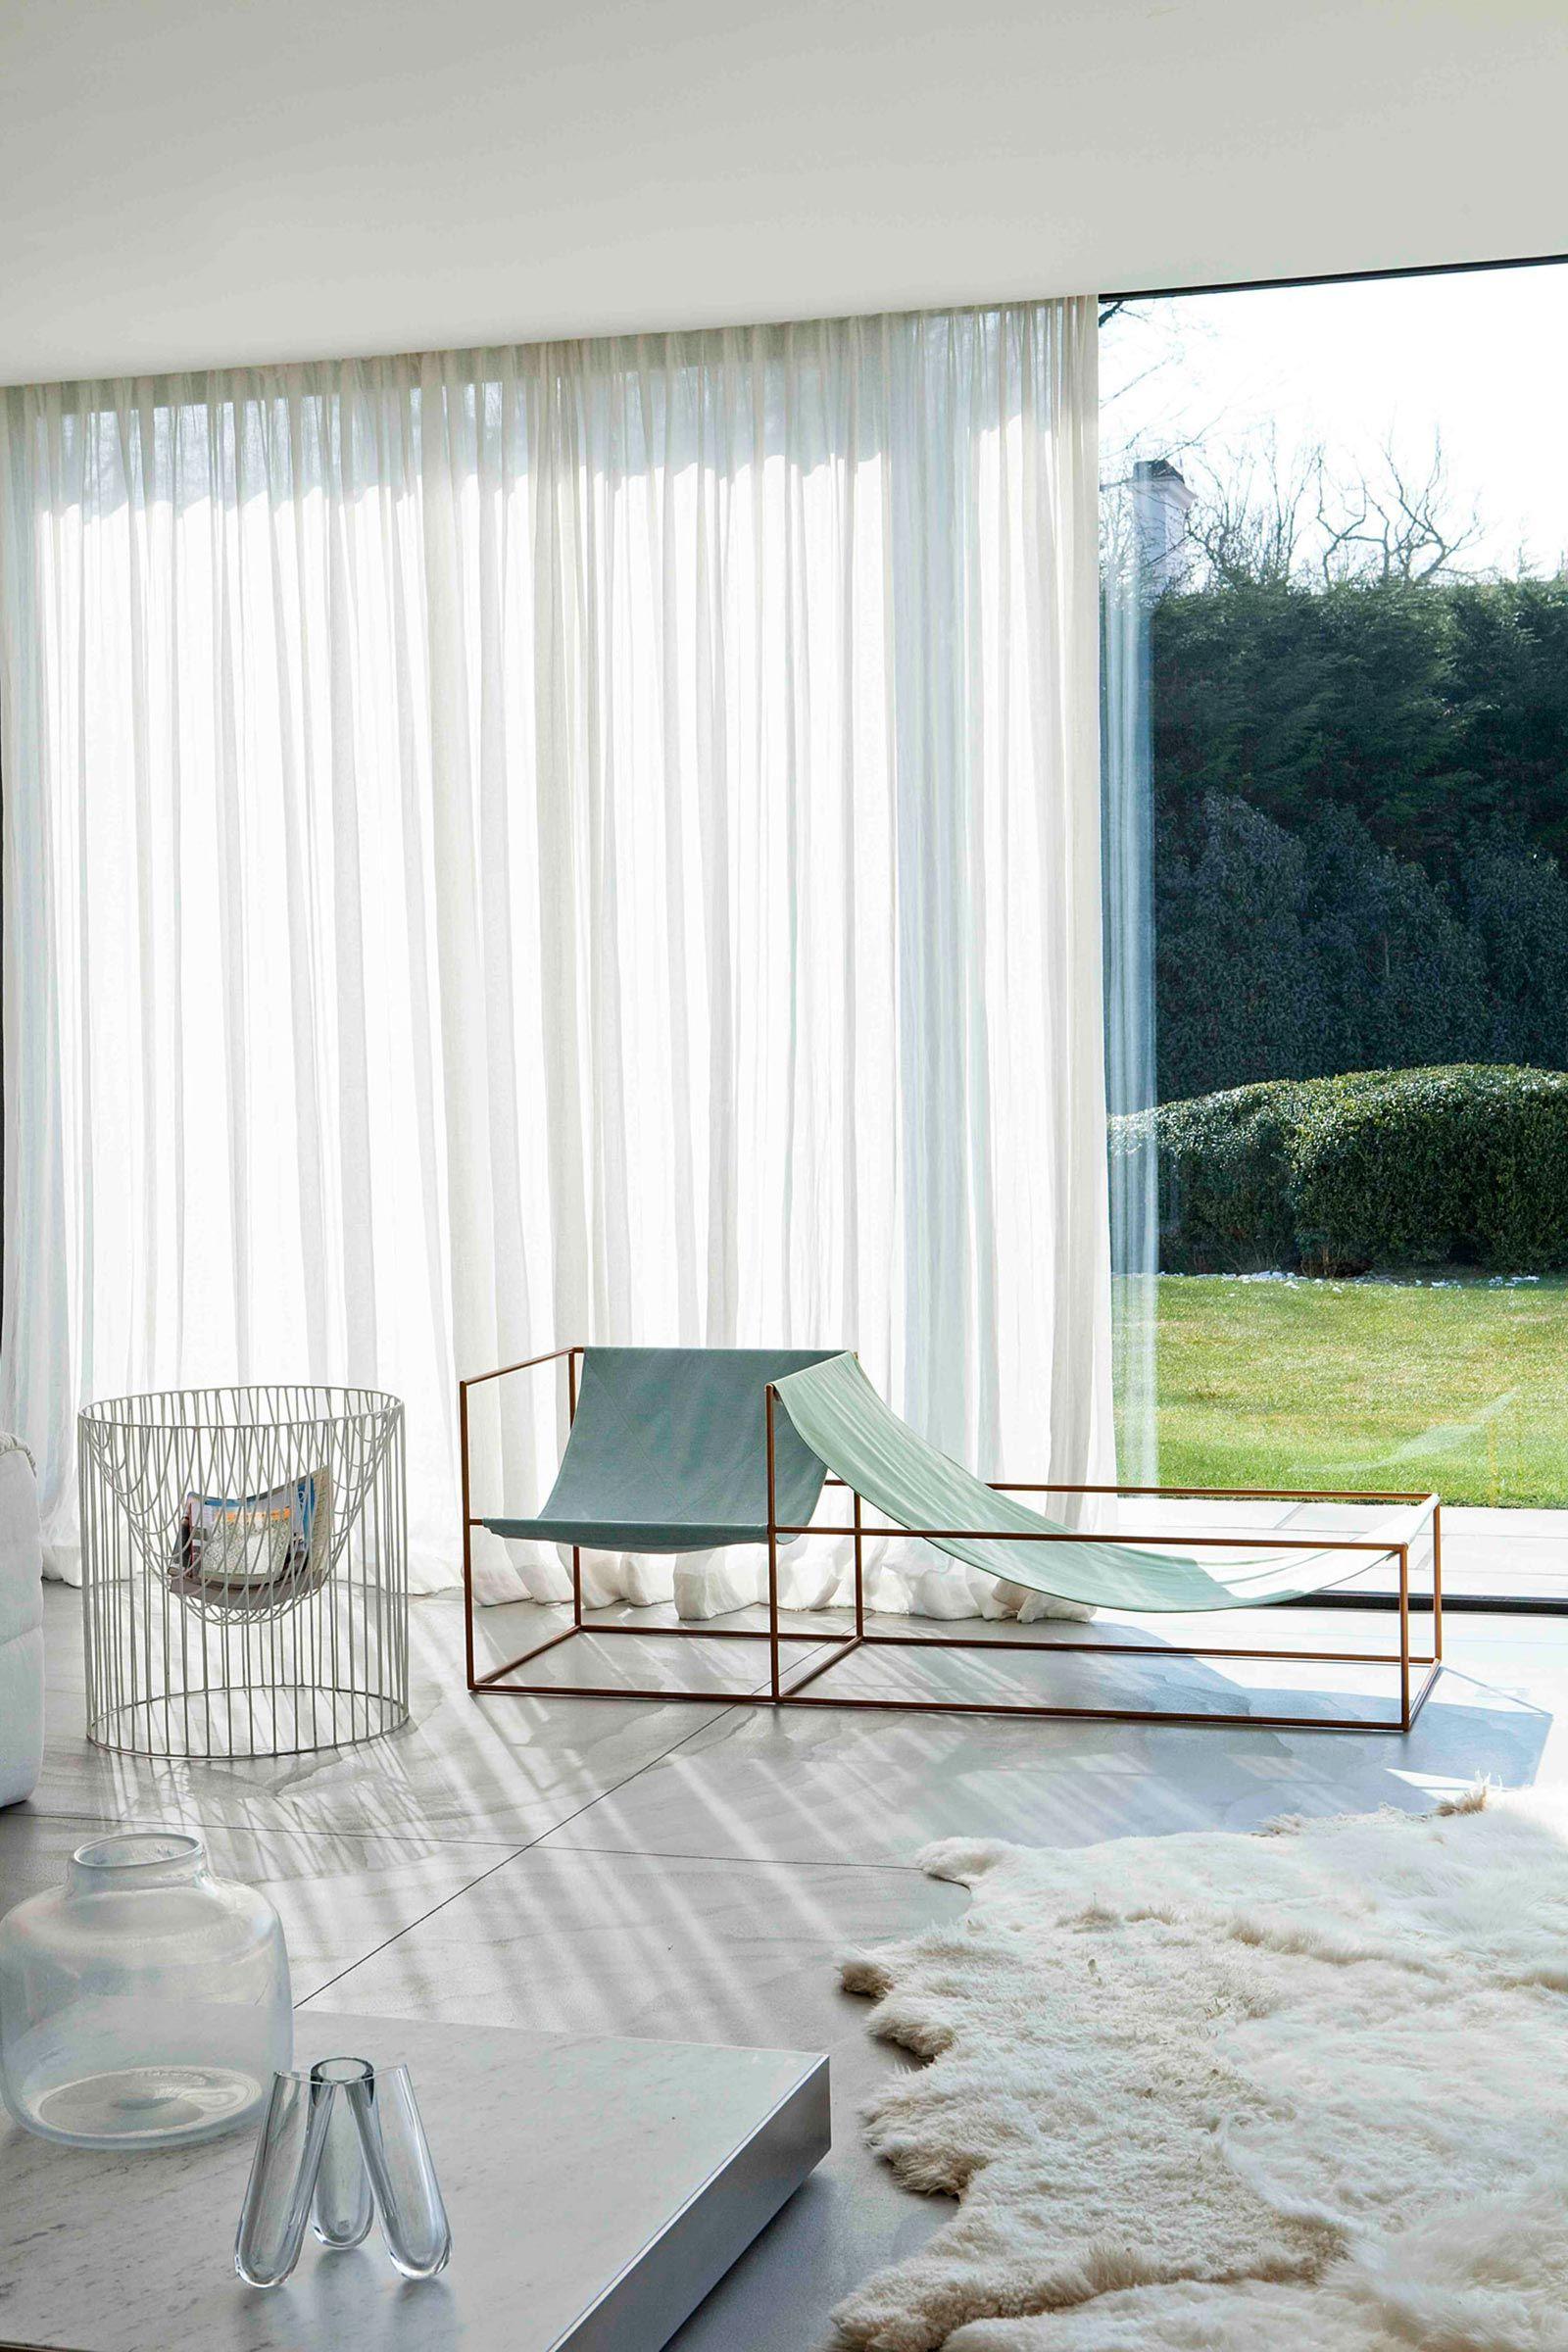 afbeeldingsresultaat voor grote ramen gordijnen dubbele gordijnen grote gordijnen moderne inrichting snuggles